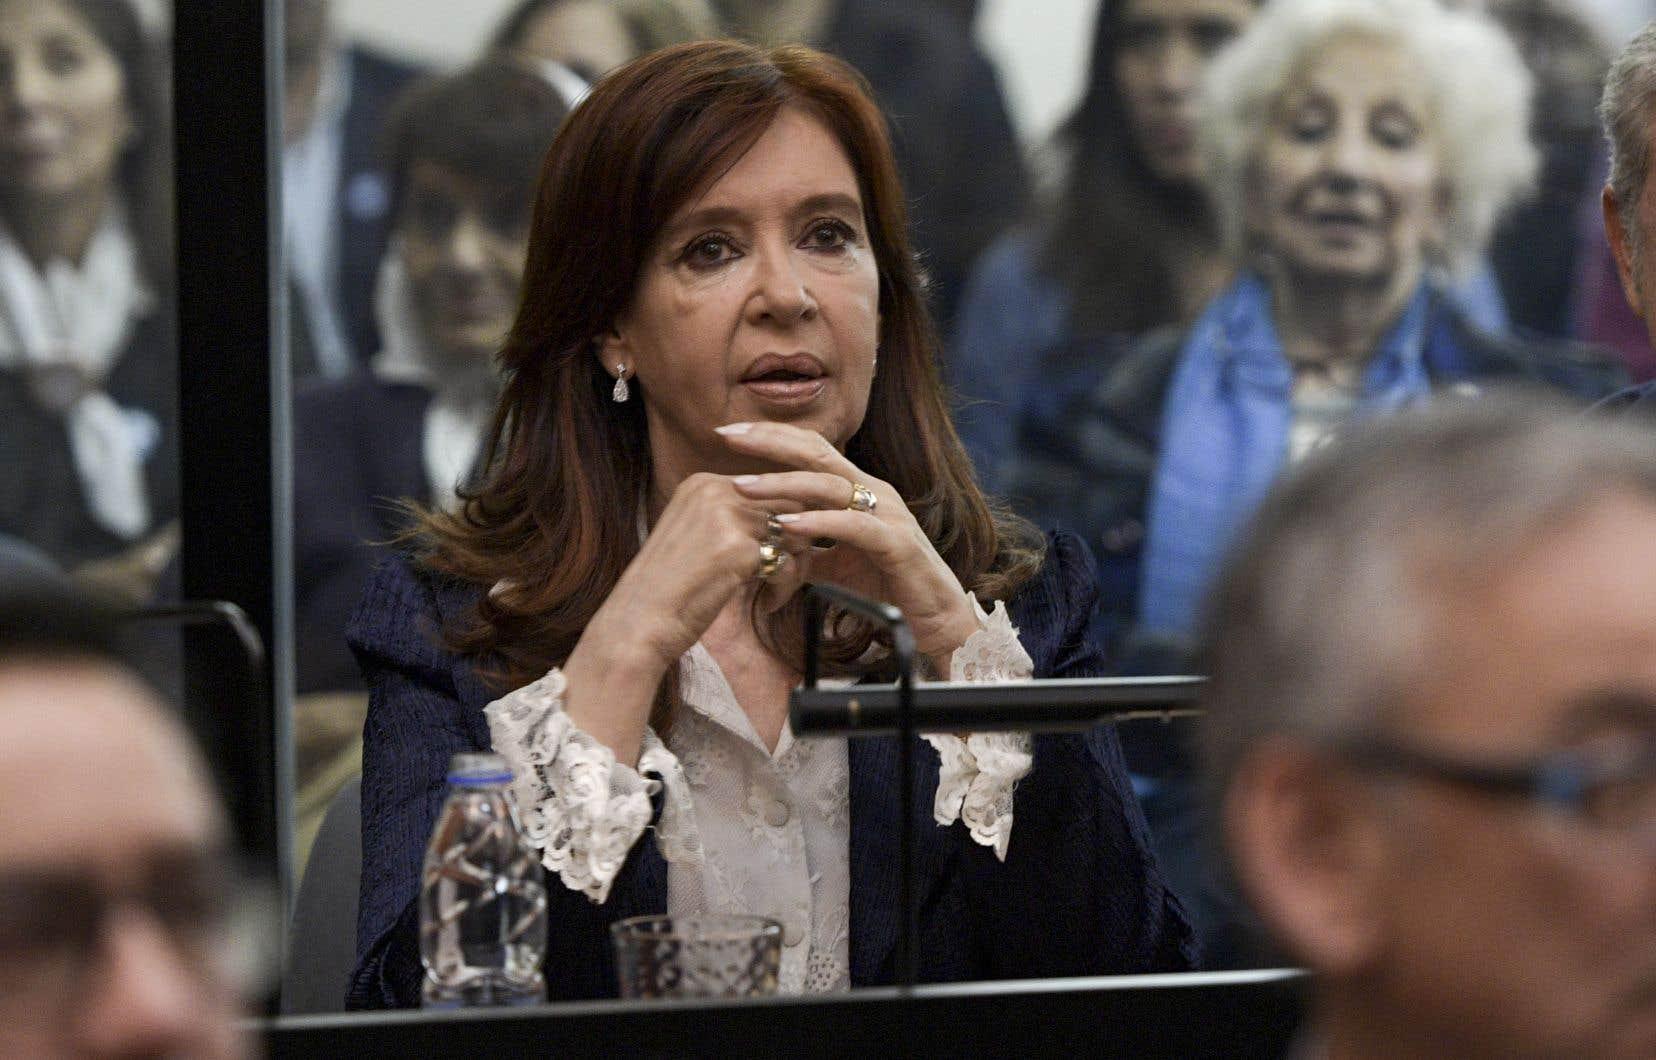 Cristina FernándezdeKirchner a comparu mardi devant le tribunal pour le premier d'une série de procès pour corruption.